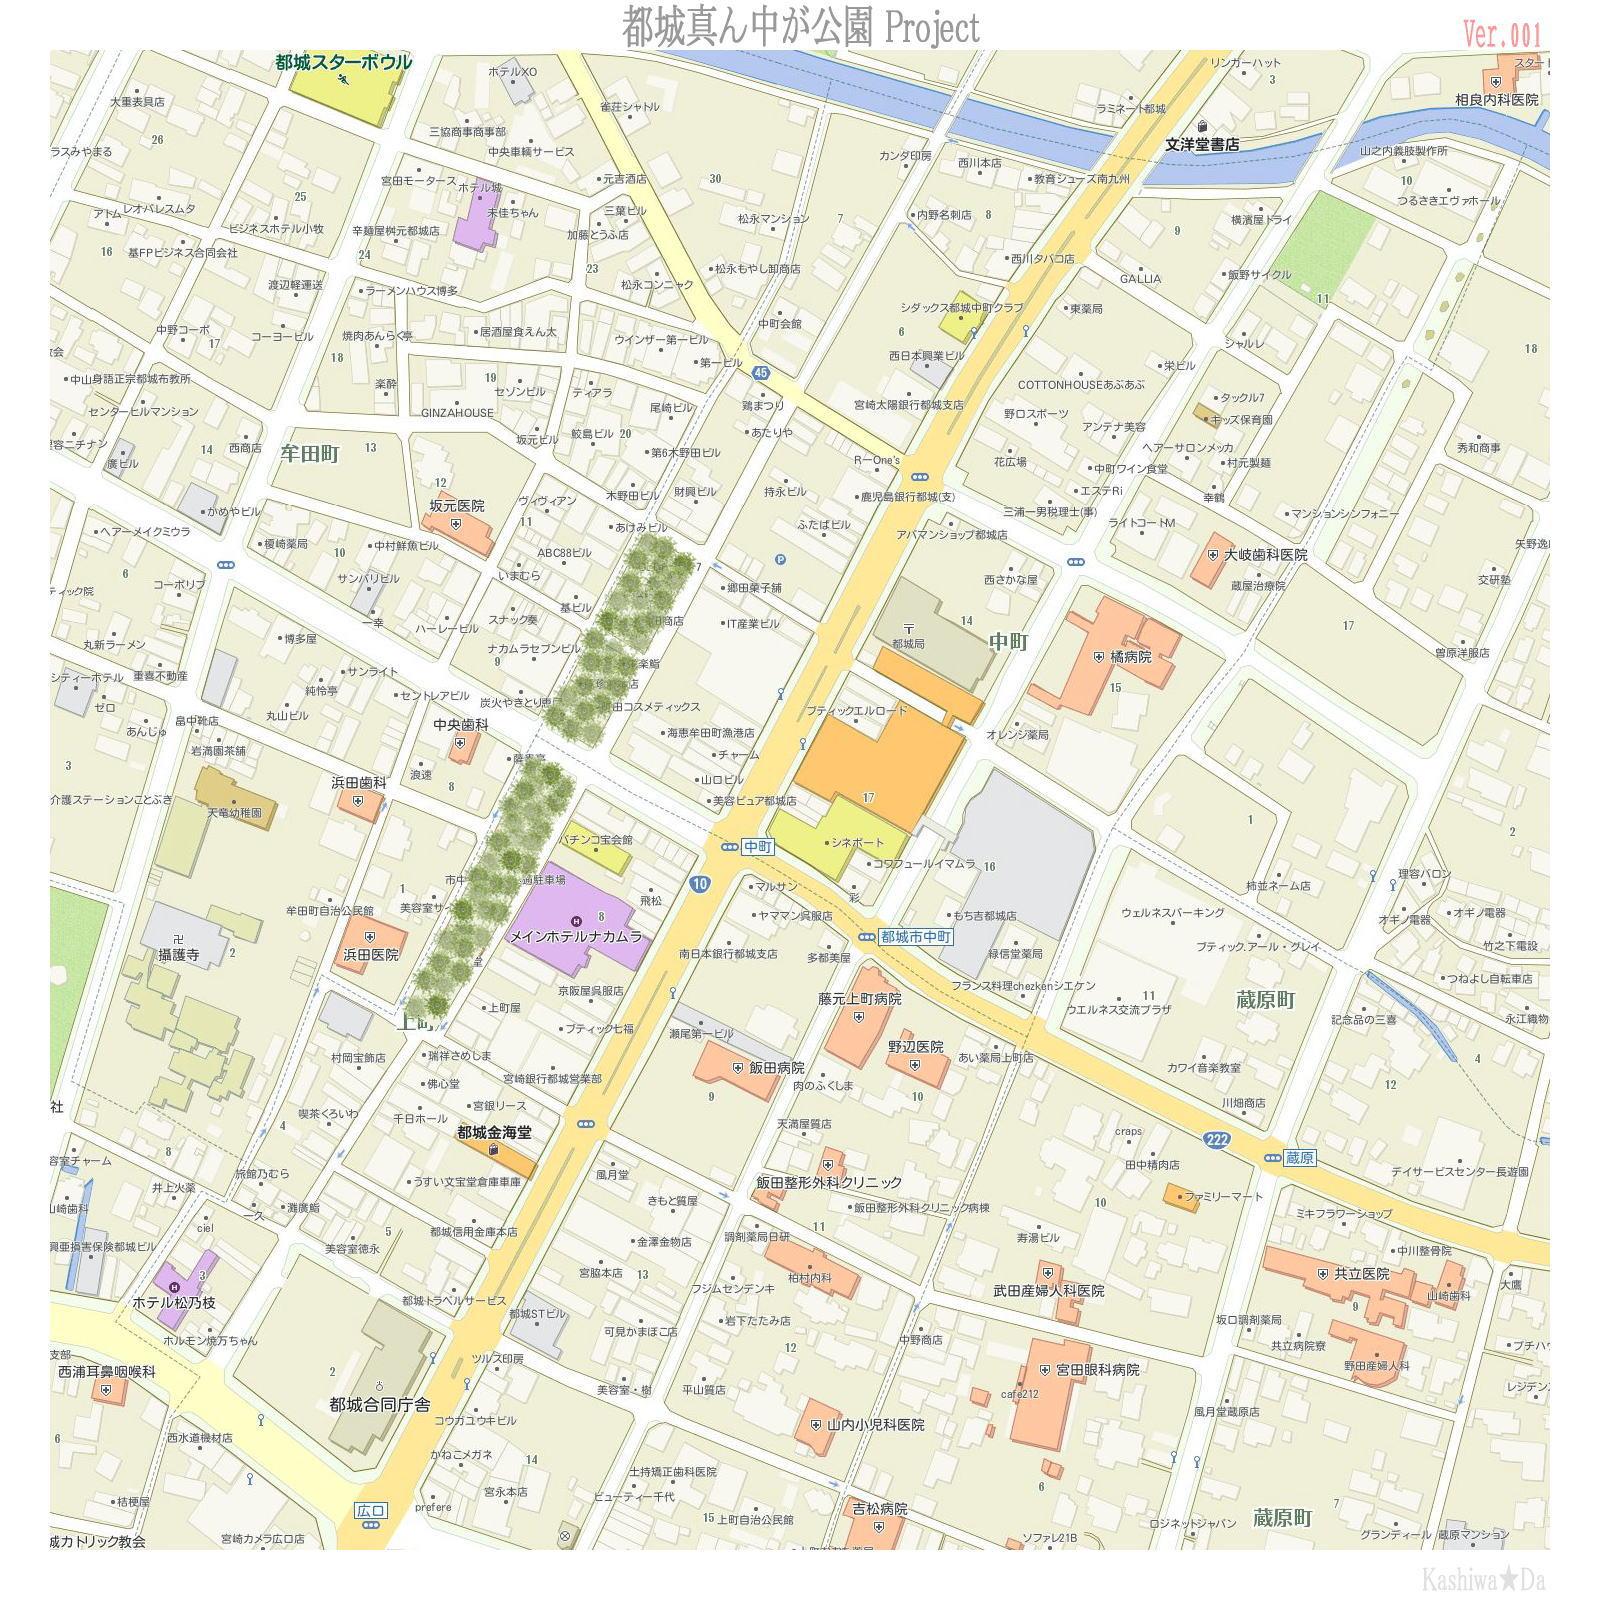 4-3[仮想プラン] 街真ん中に「竹林広場」を埋込む